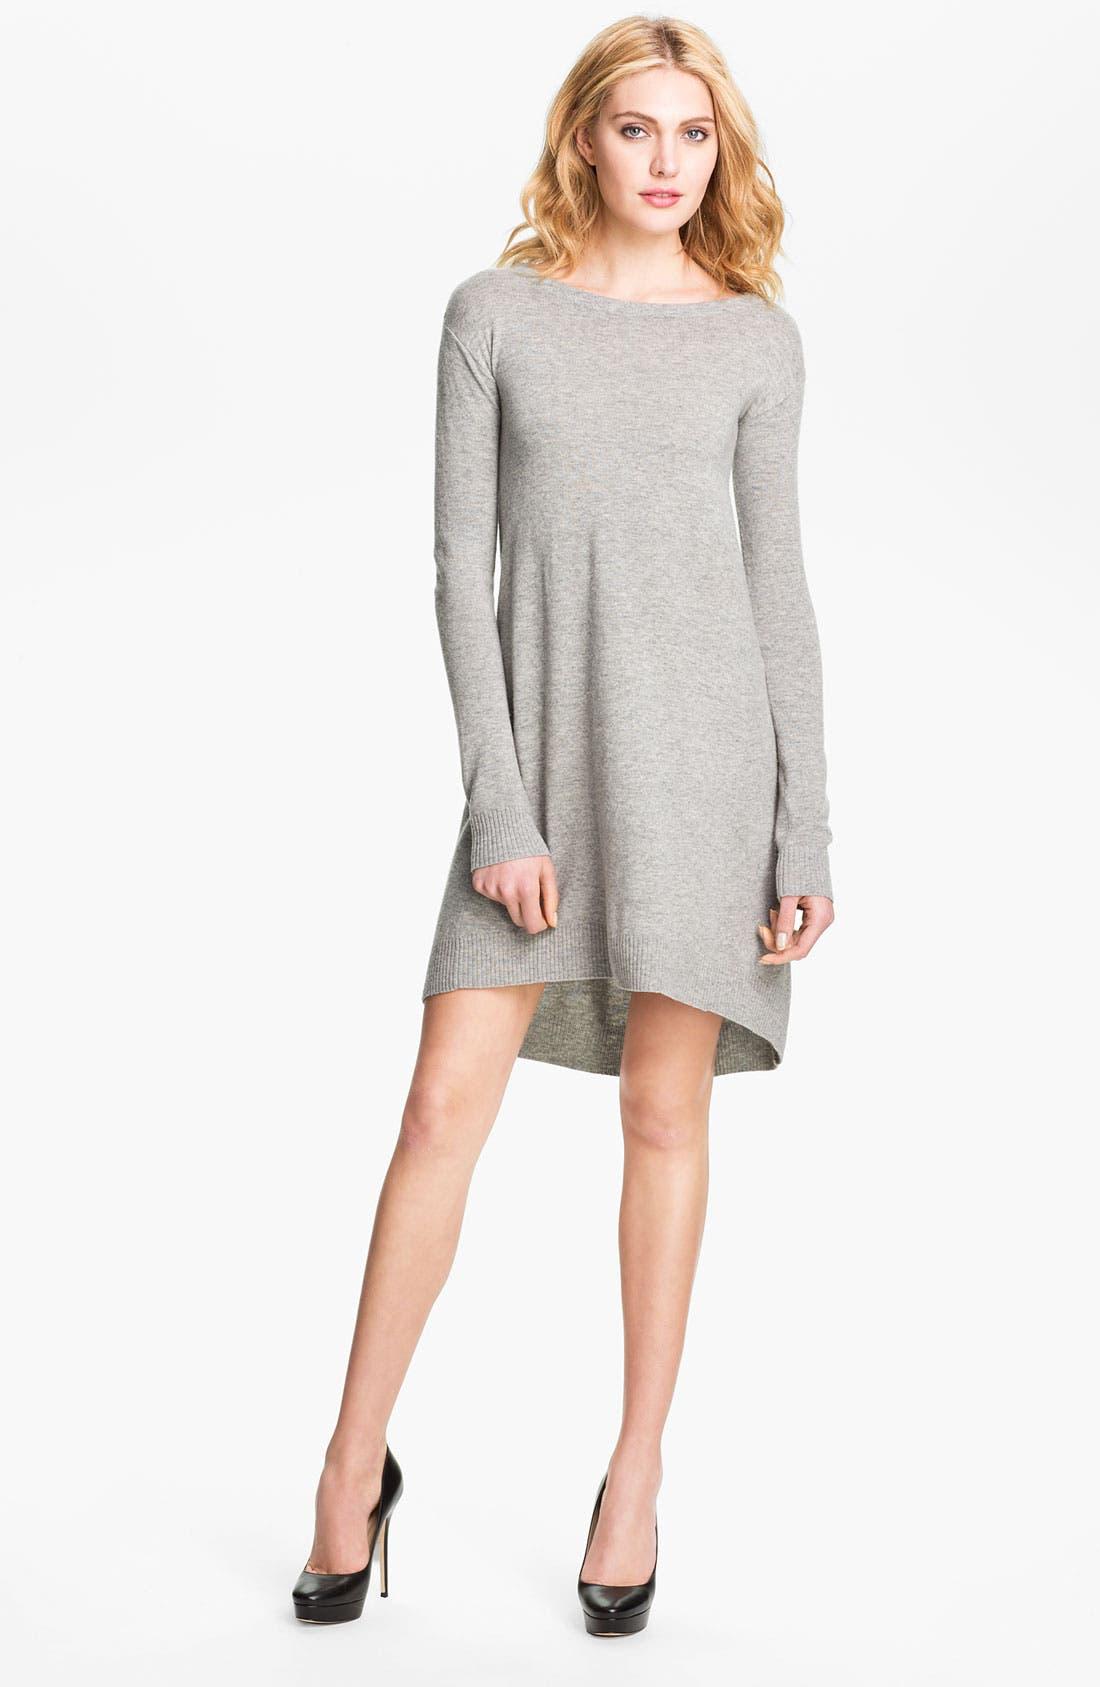 Main Image - Diane von Furstenberg 'Branitta' Sweater Dress